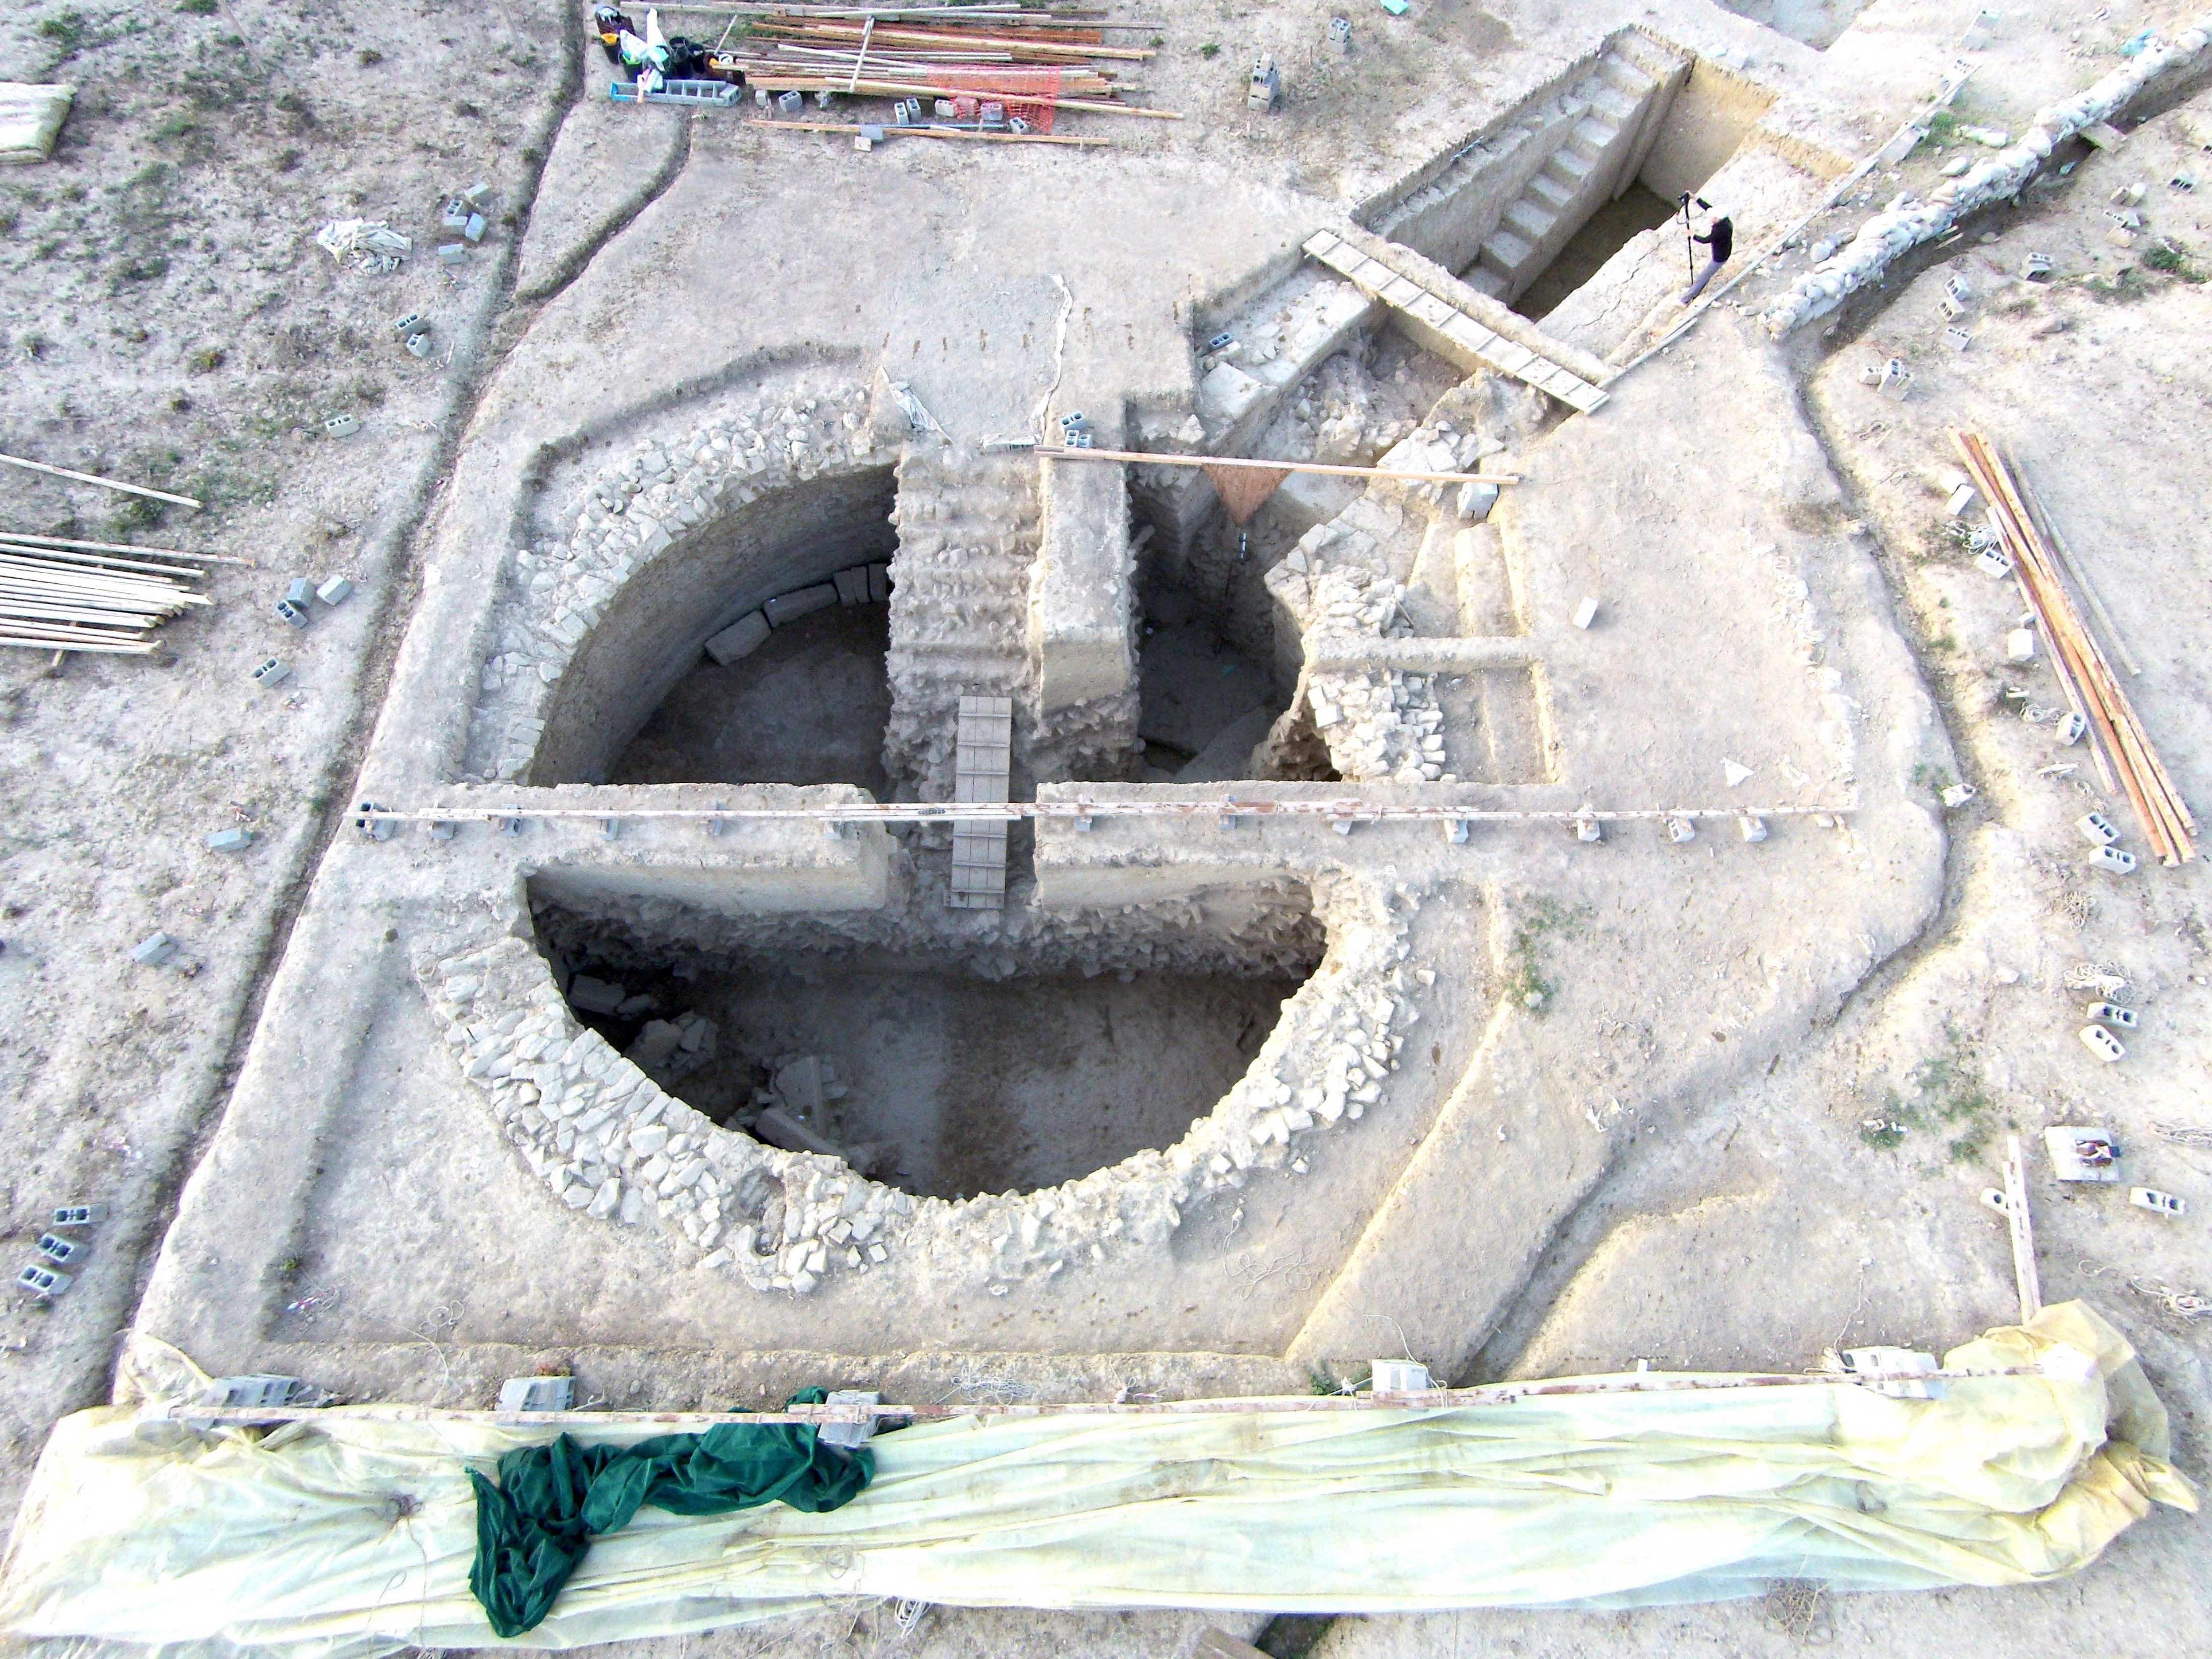 """Συγκλονιστικά αρχαιολογικά ευρήματα δίπλα στον """"Γρύπα Πολεμιστή"""" στην Πύλο! Ανακαλύφθηκαν ασύλητοι θολωτοί τάφοι!"""